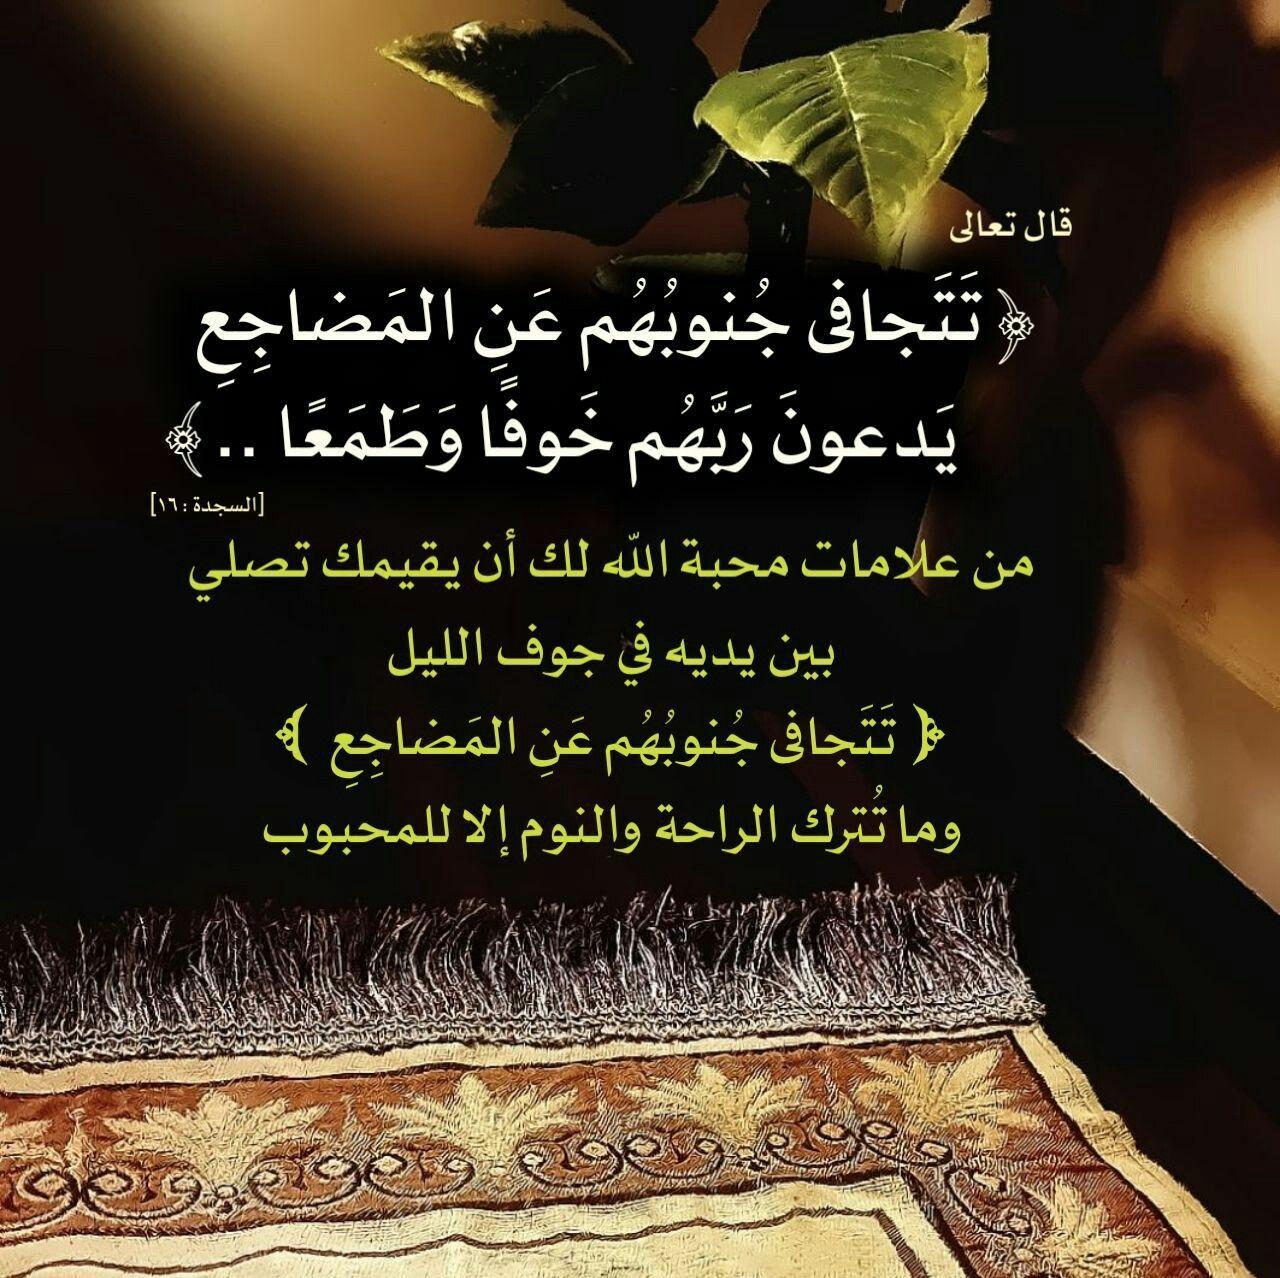 """خواطر قرآنية وقفات تدبرية (16-17) """" سورة السجدة"""" أيمن الشعبان"""